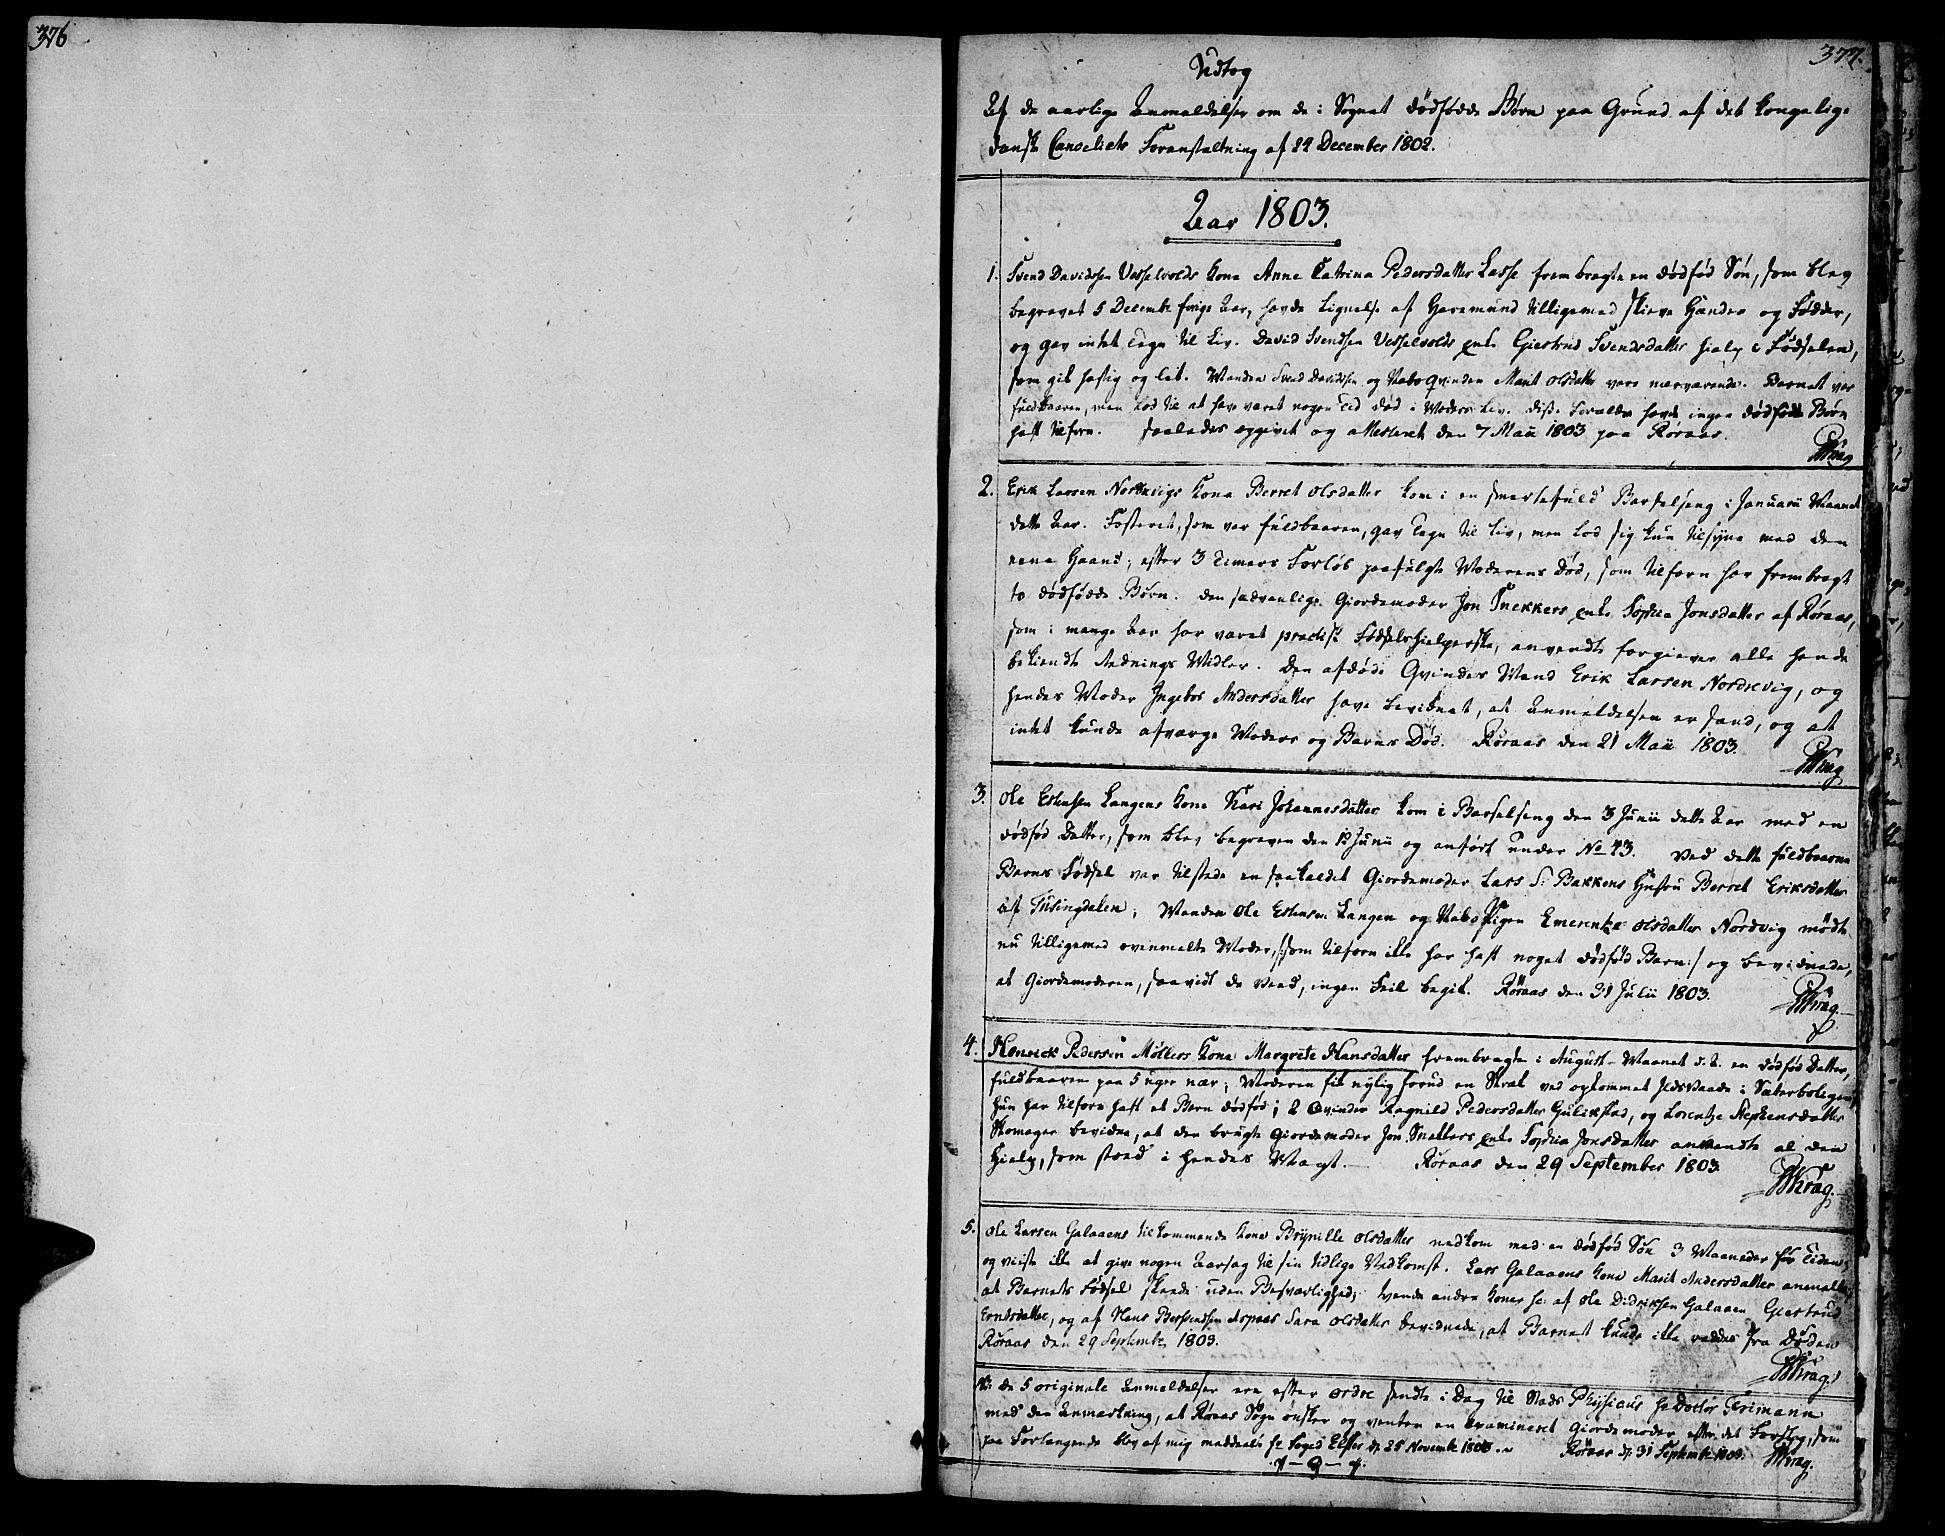 SAT, Ministerialprotokoller, klokkerbøker og fødselsregistre - Sør-Trøndelag, 681/L0927: Ministerialbok nr. 681A05, 1798-1808, s. 376-377